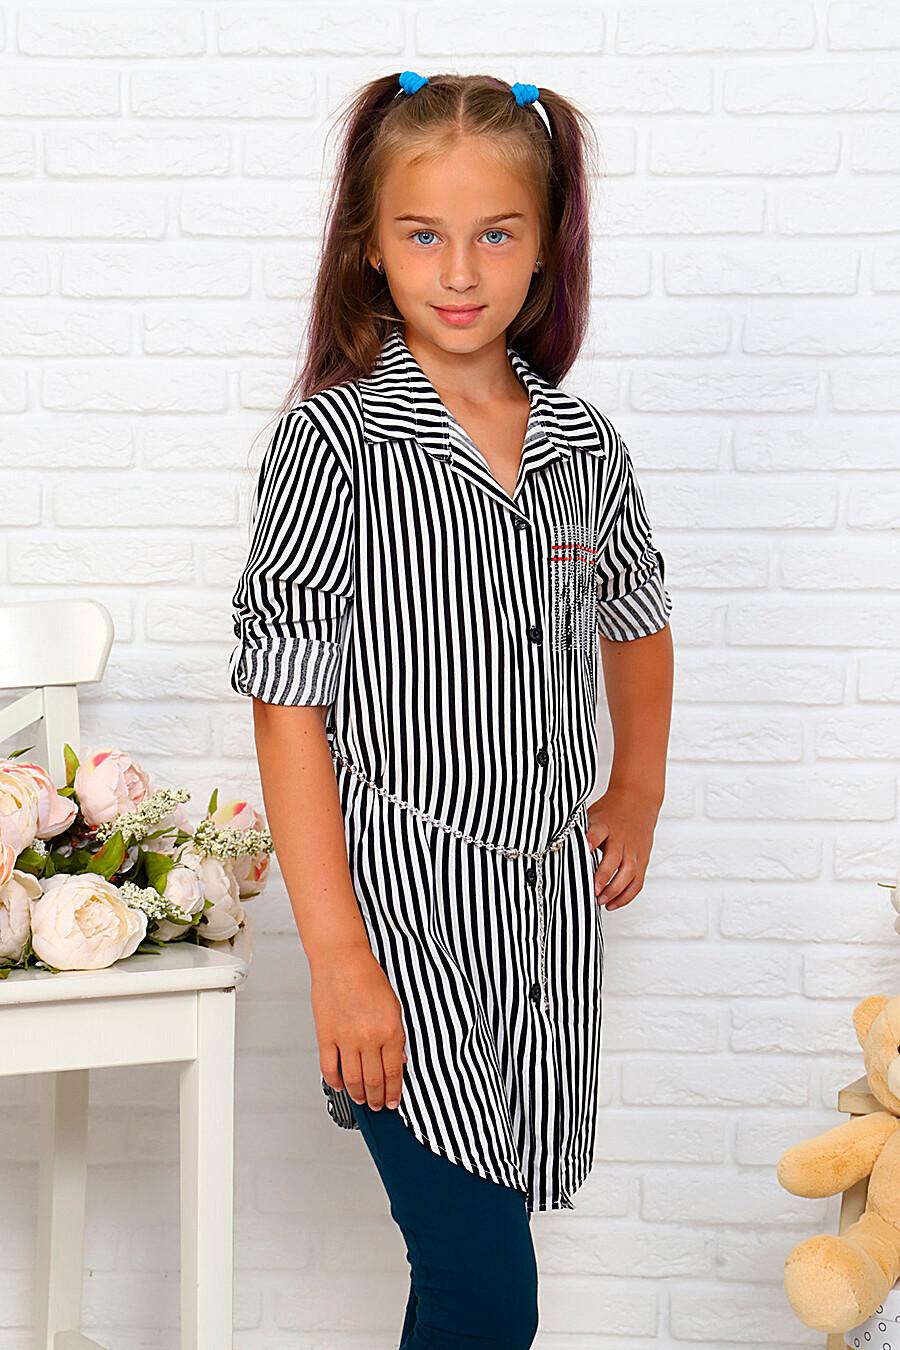 Туника-рубашка для девочек SOFIYA37 667885 купить оптом от производителя. Совместная покупка детской одежды в OptMoyo